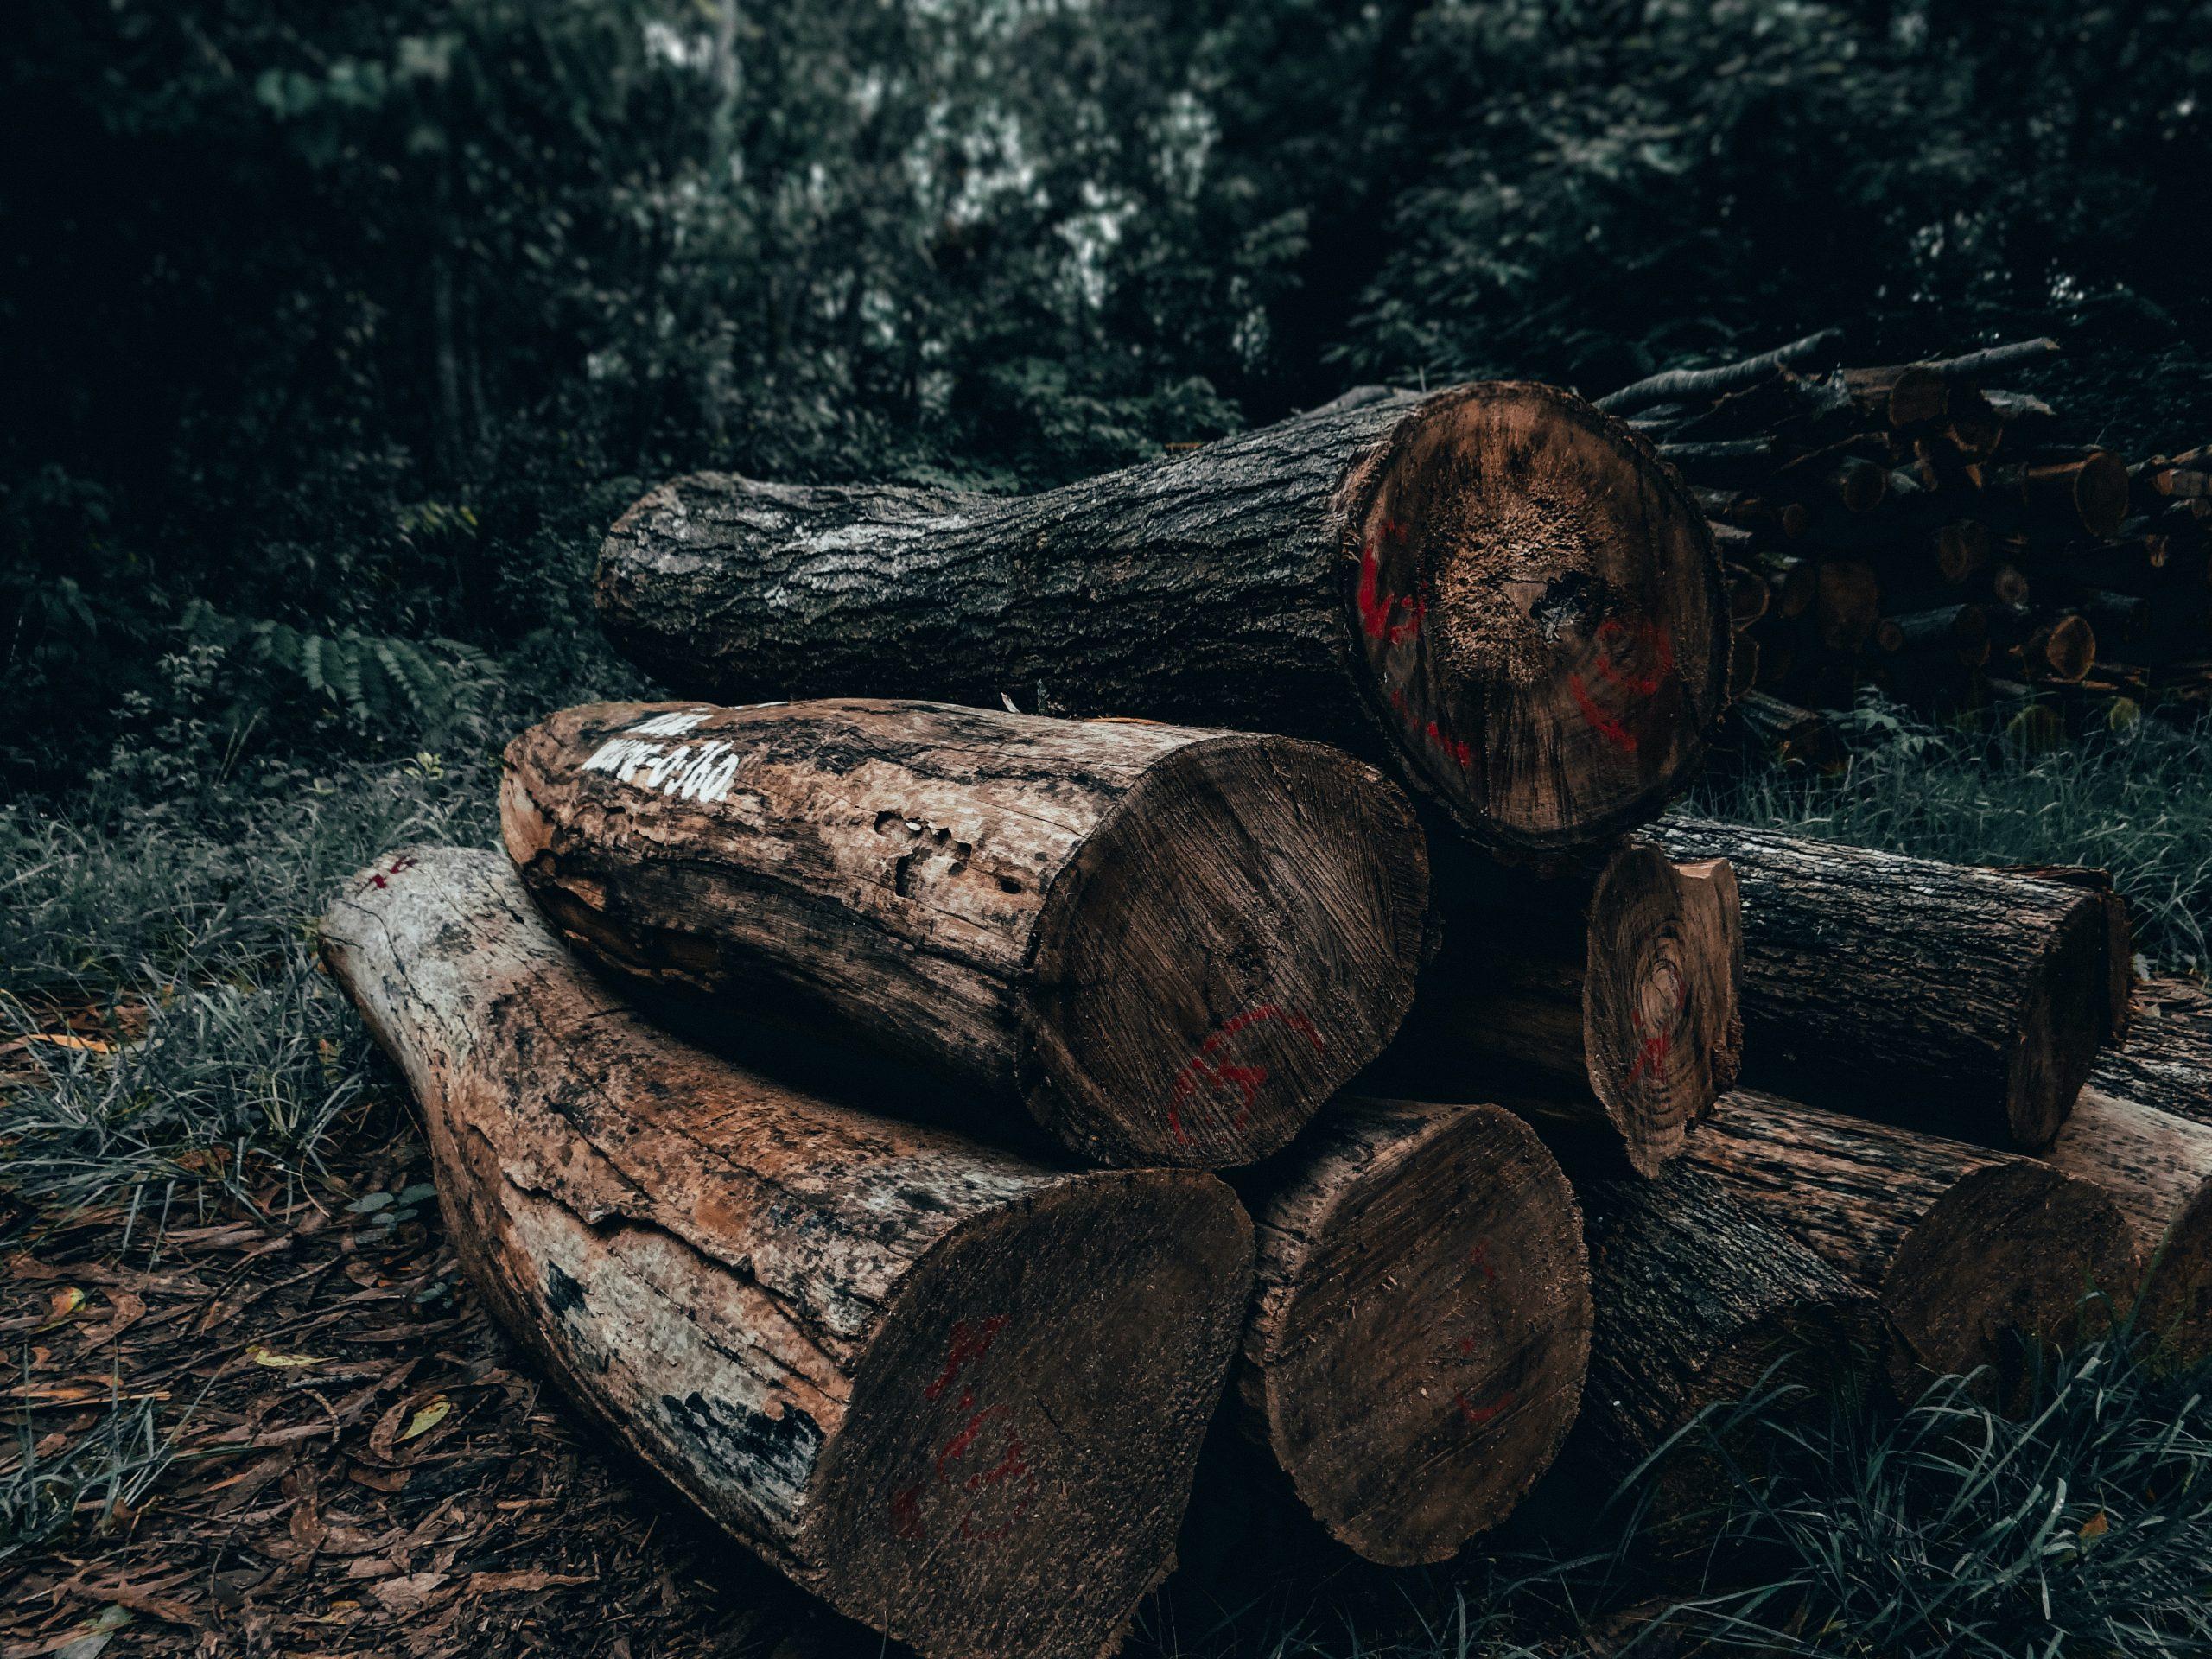 Desmatamento para além do meio ambiente